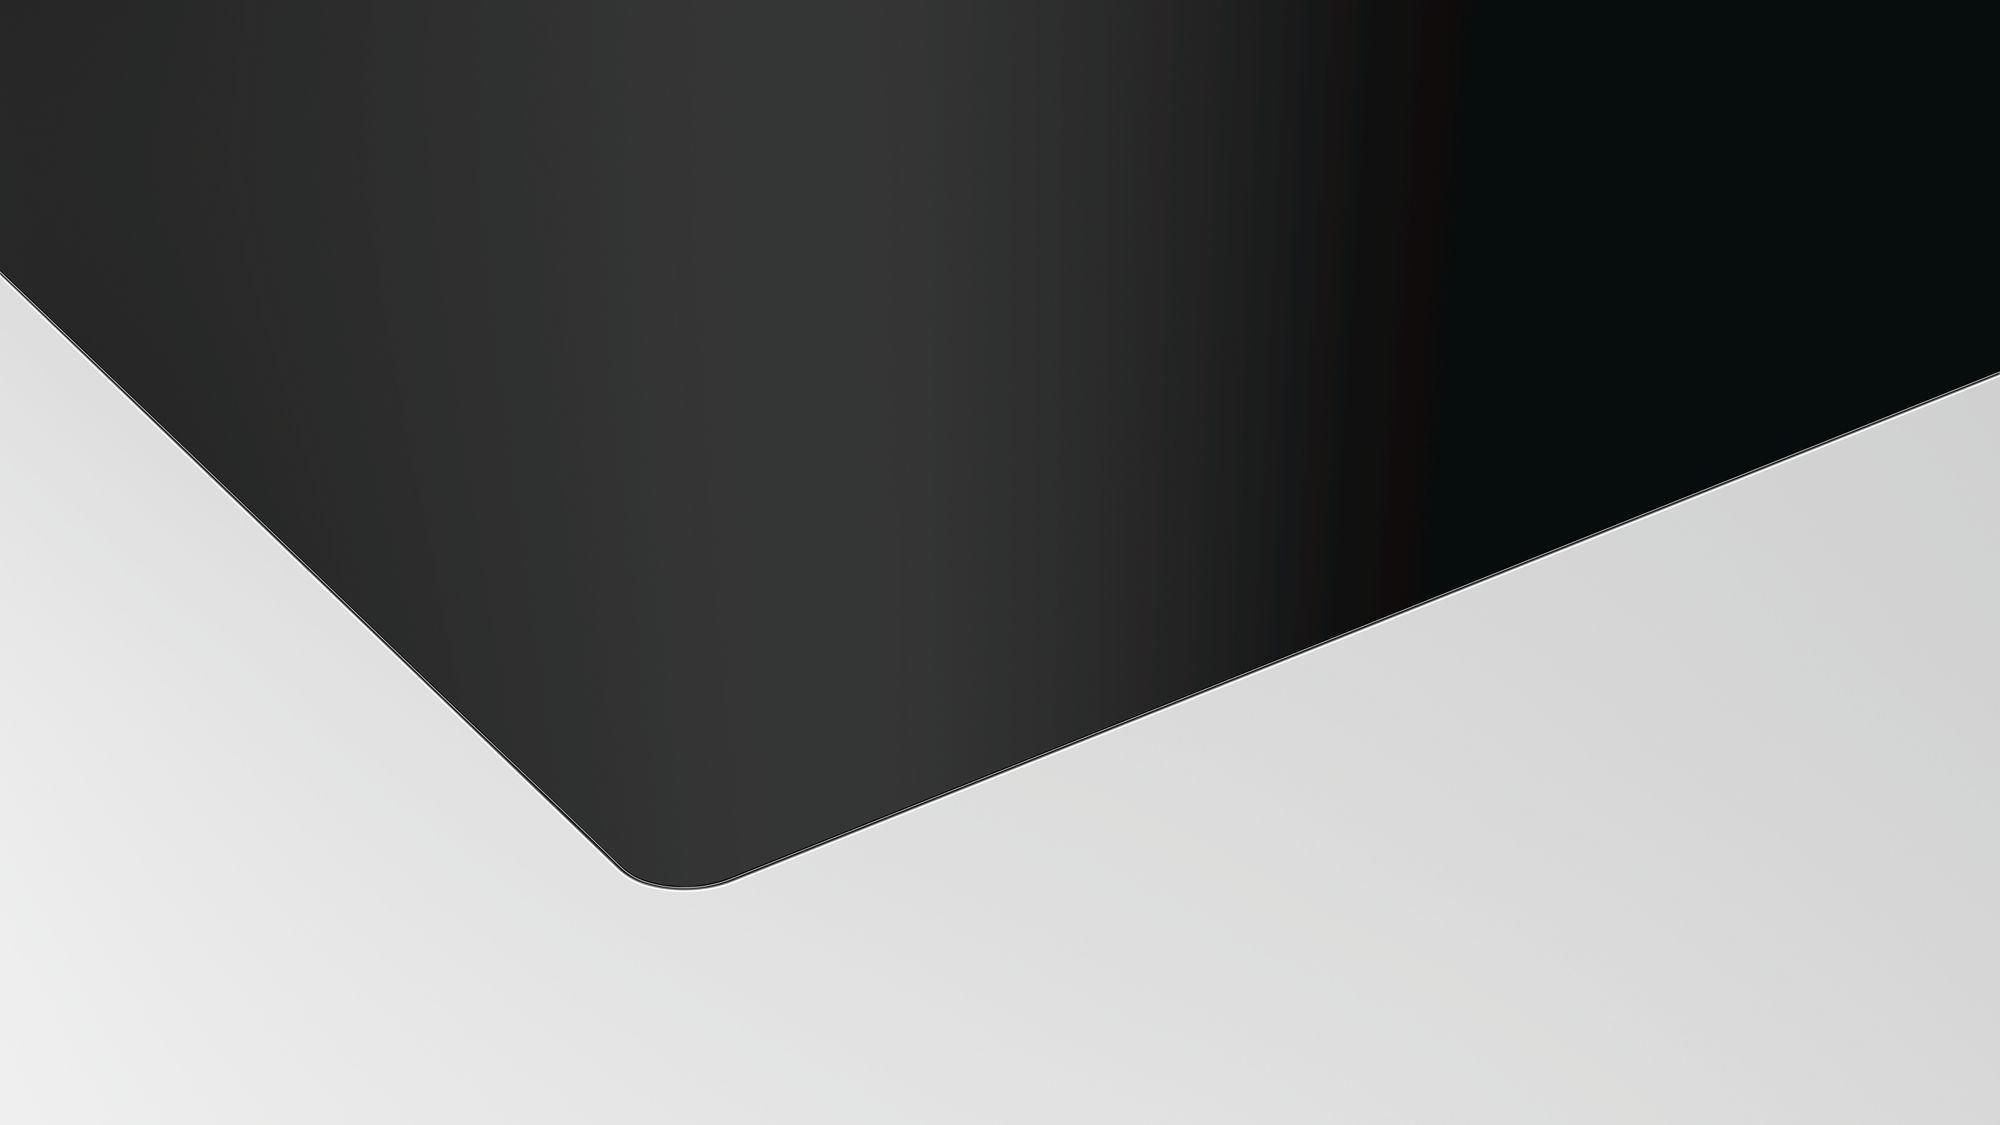 neff dunstabzug neff bietet eine reihe an backofen varianten an mit dabei sind klassische. Black Bedroom Furniture Sets. Home Design Ideas